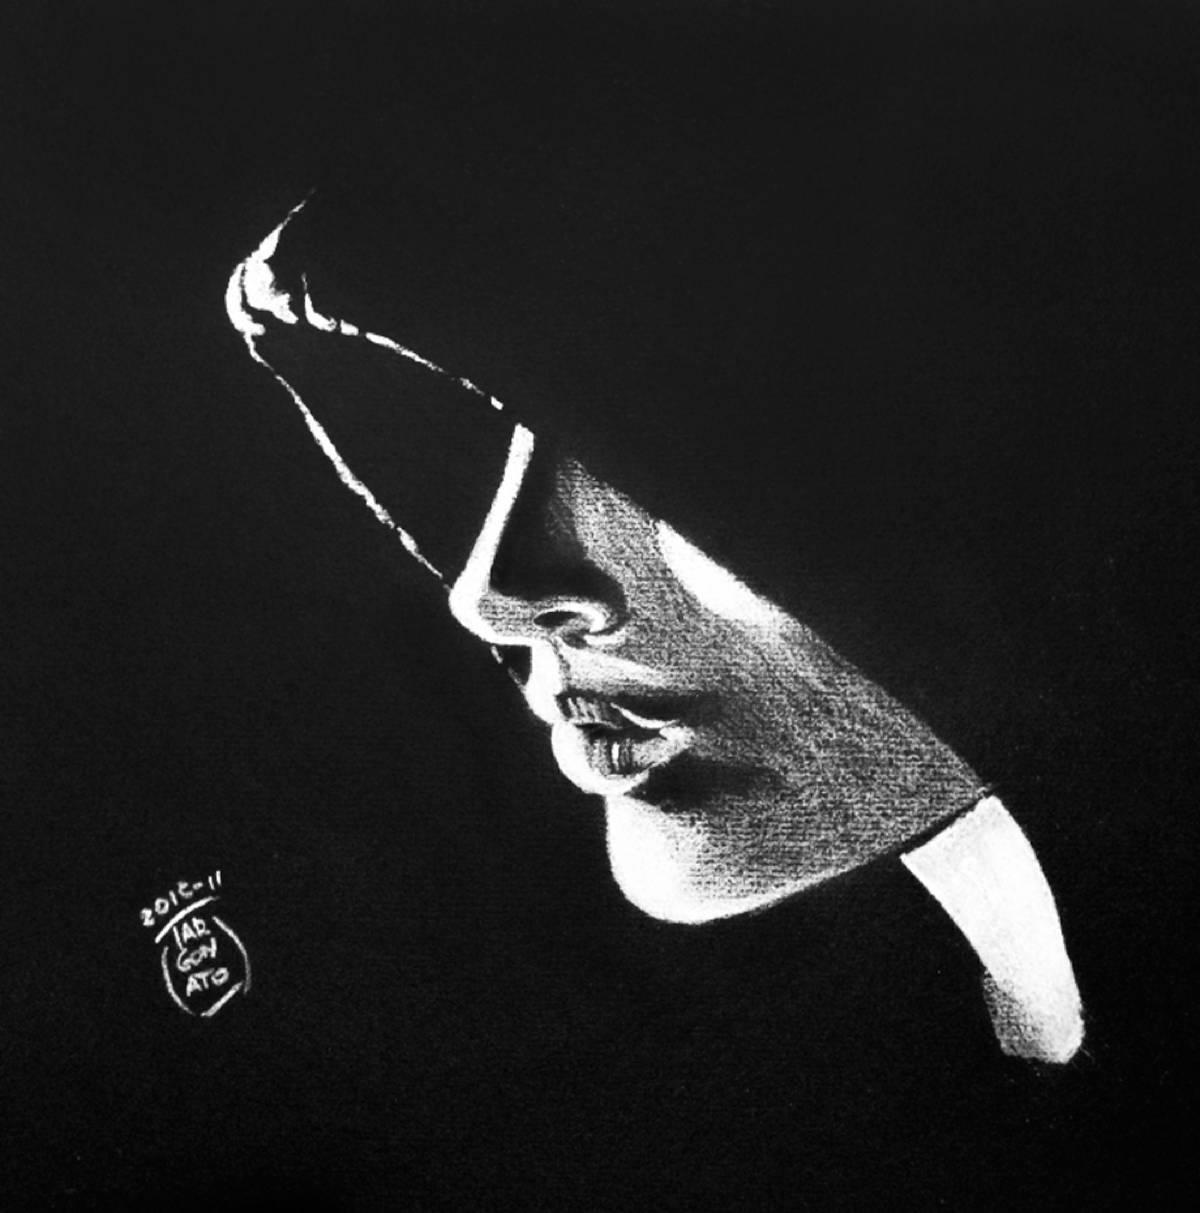 Disegno Nero Su Bianco.Bianco E Nero Michele Targonato Illustratore